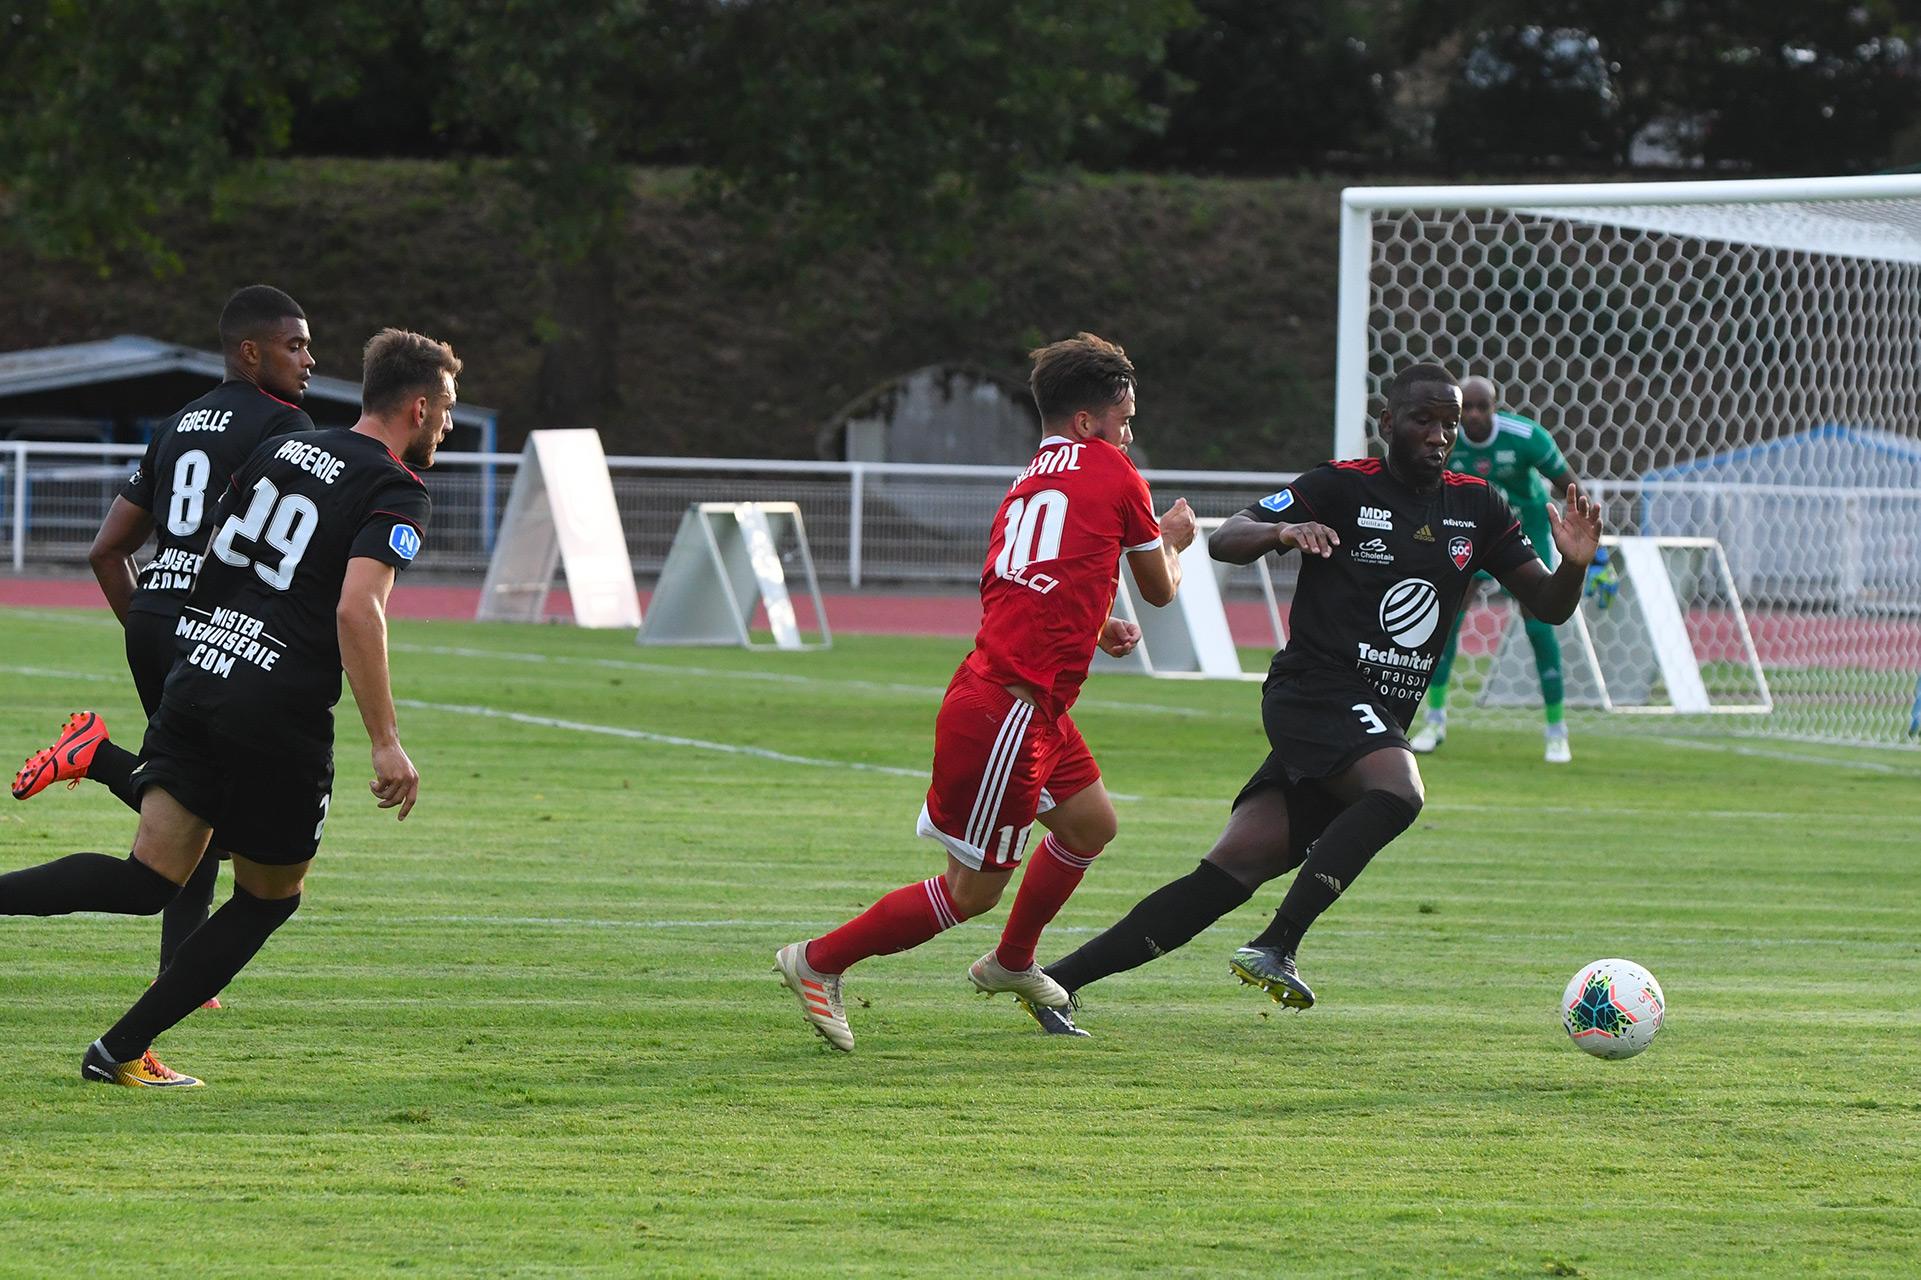 Equipe vs Villefranche